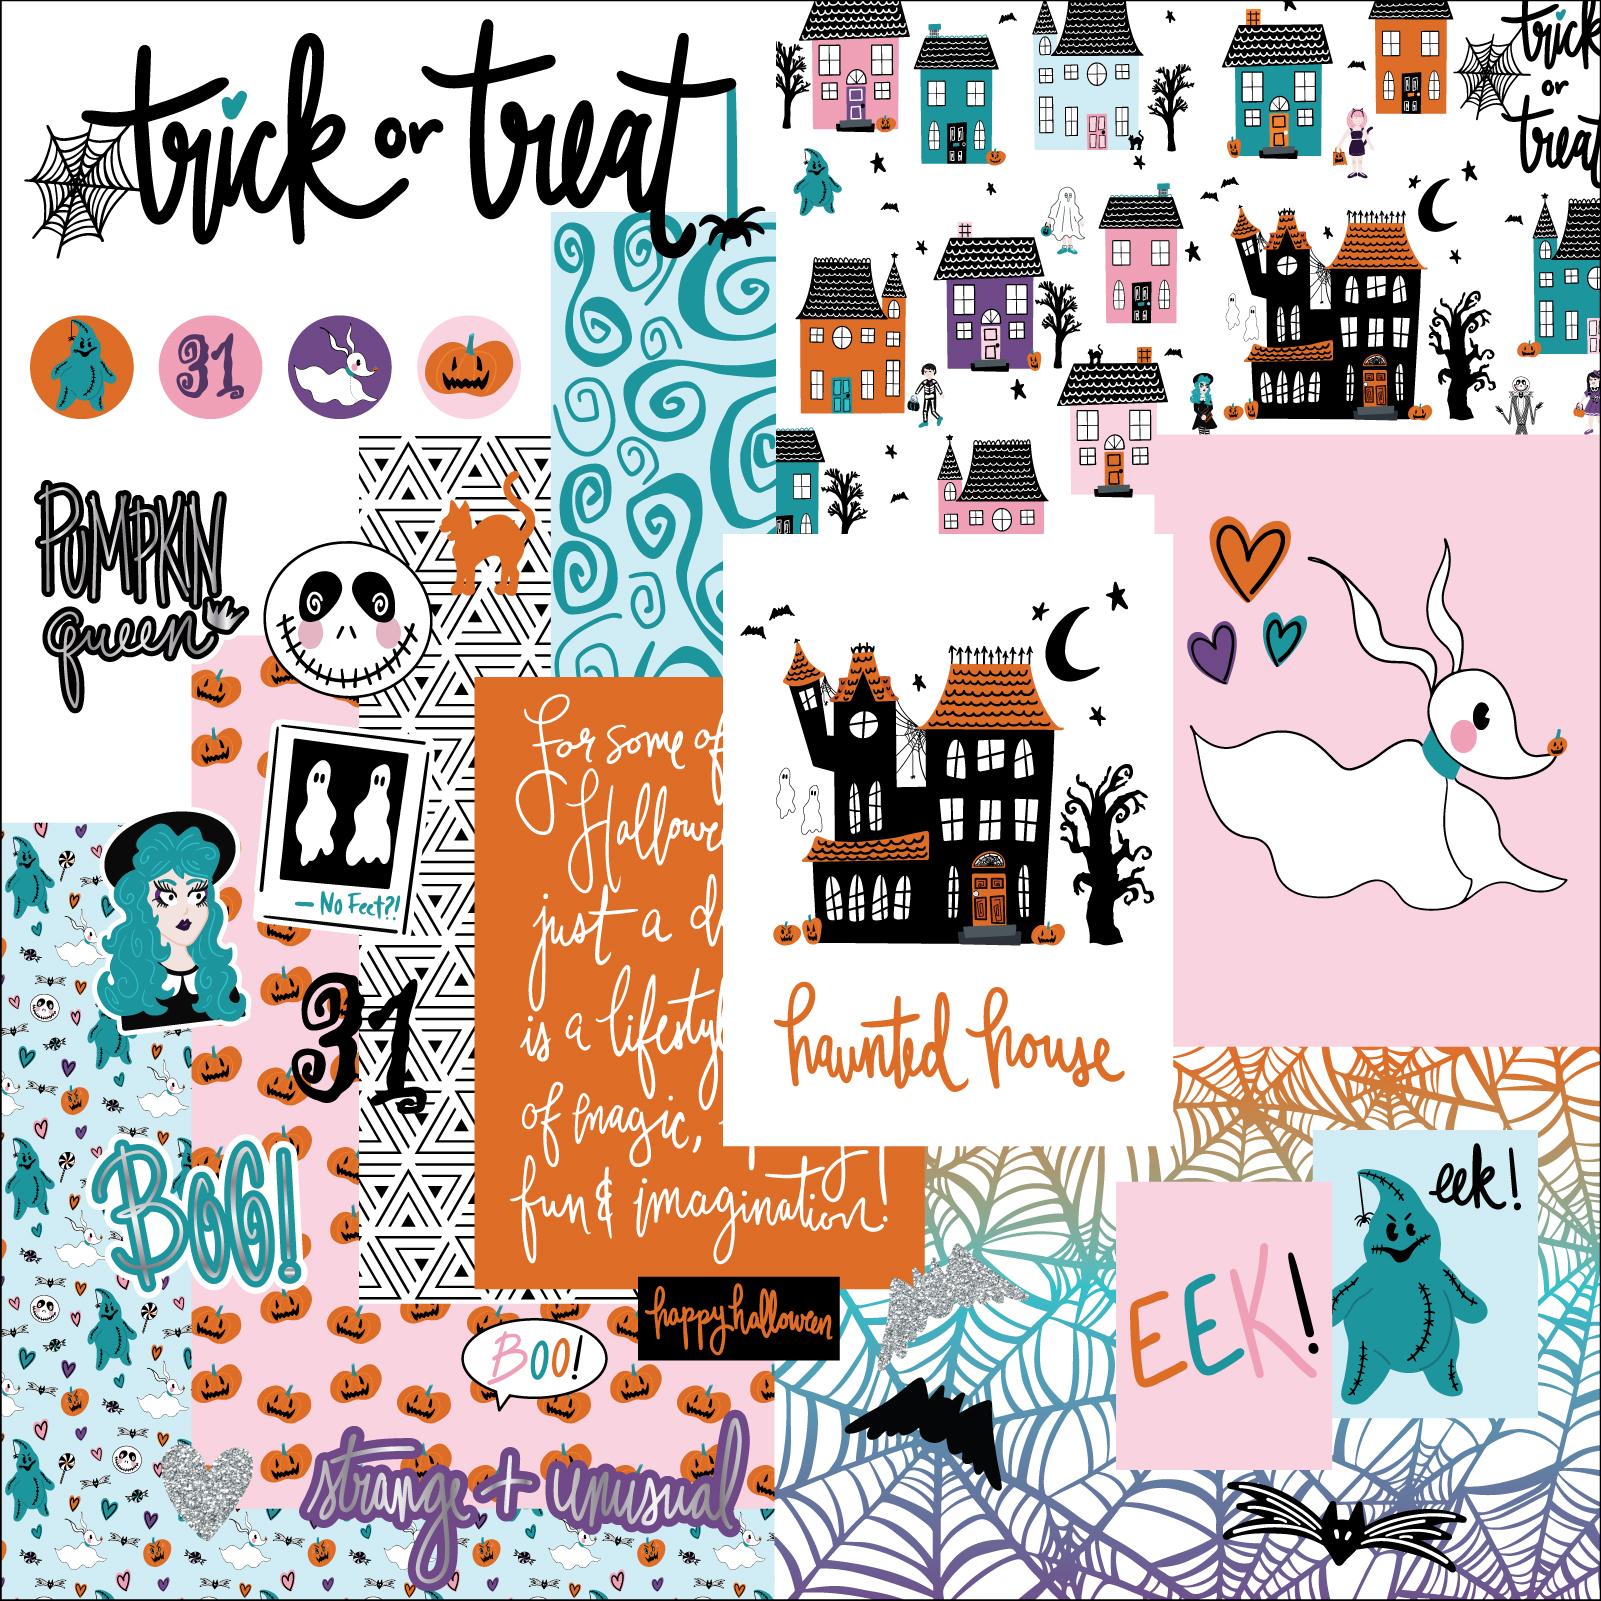 Trick or Treat - Sneak Peek-44.jpg